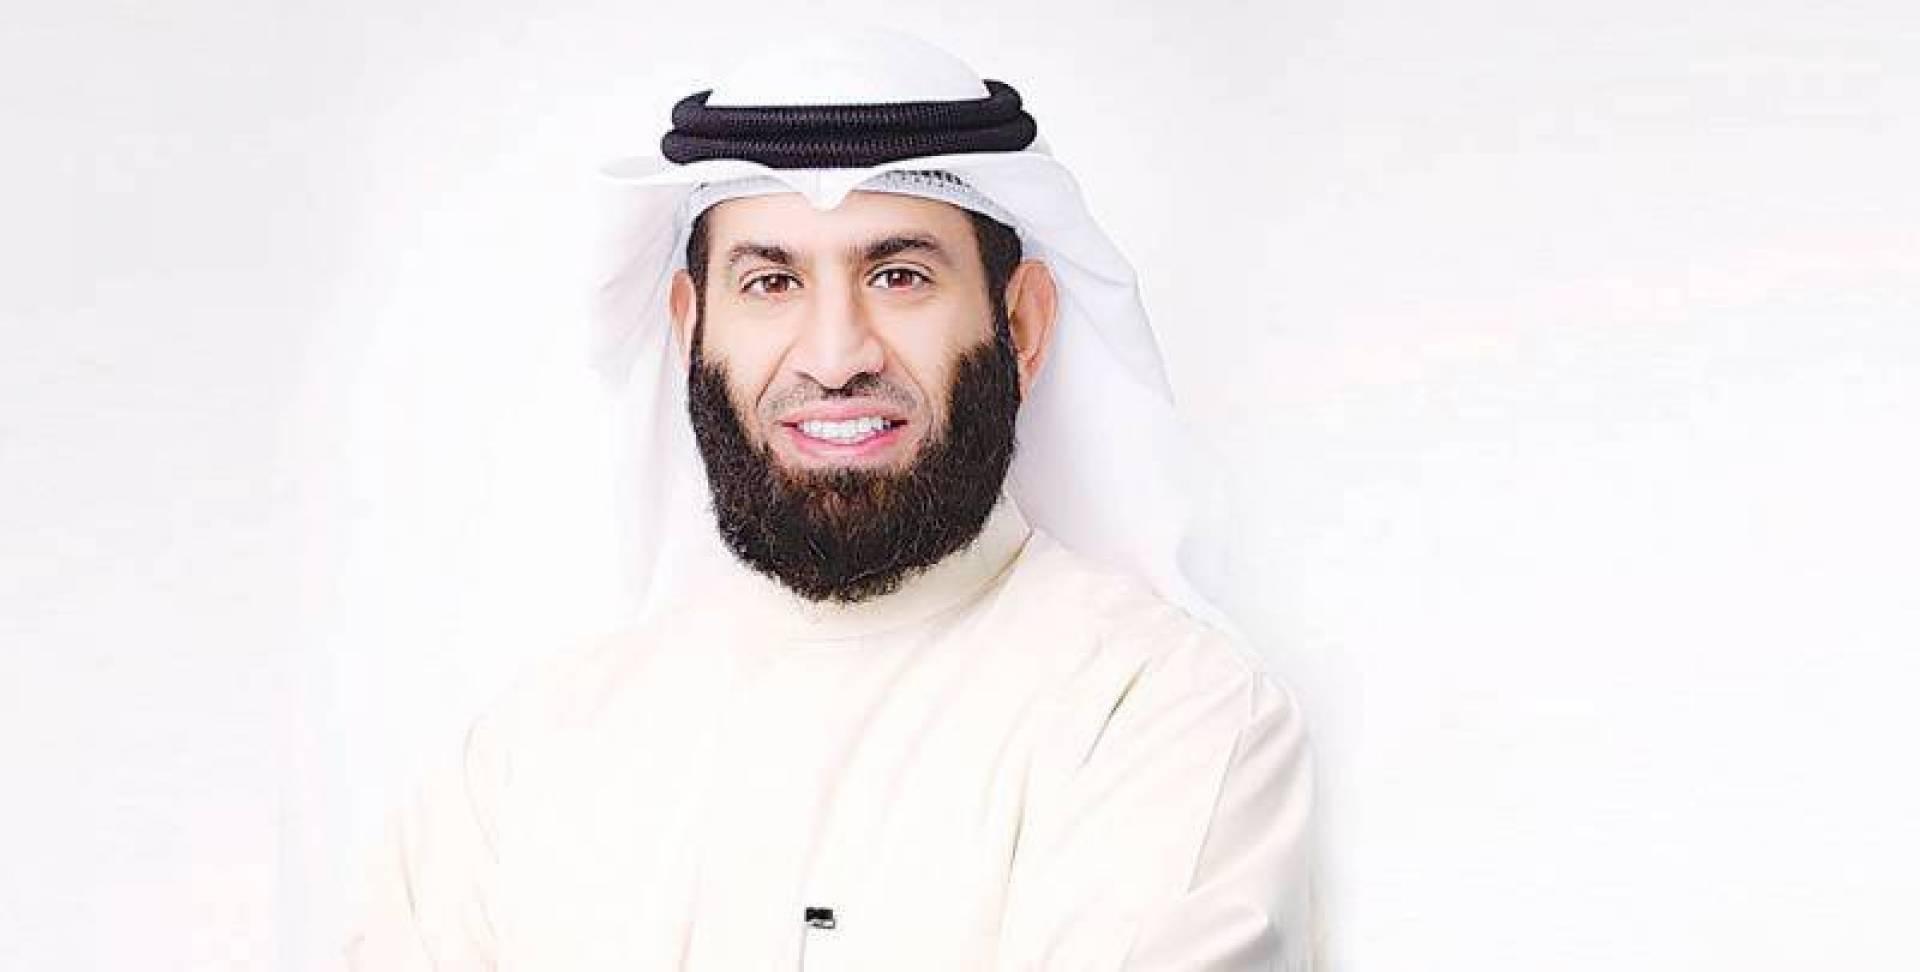 الوكيل المساعد لشؤون الرقابة الدوائية والغذائية في وزارة الصحة د. عبدالله البدر